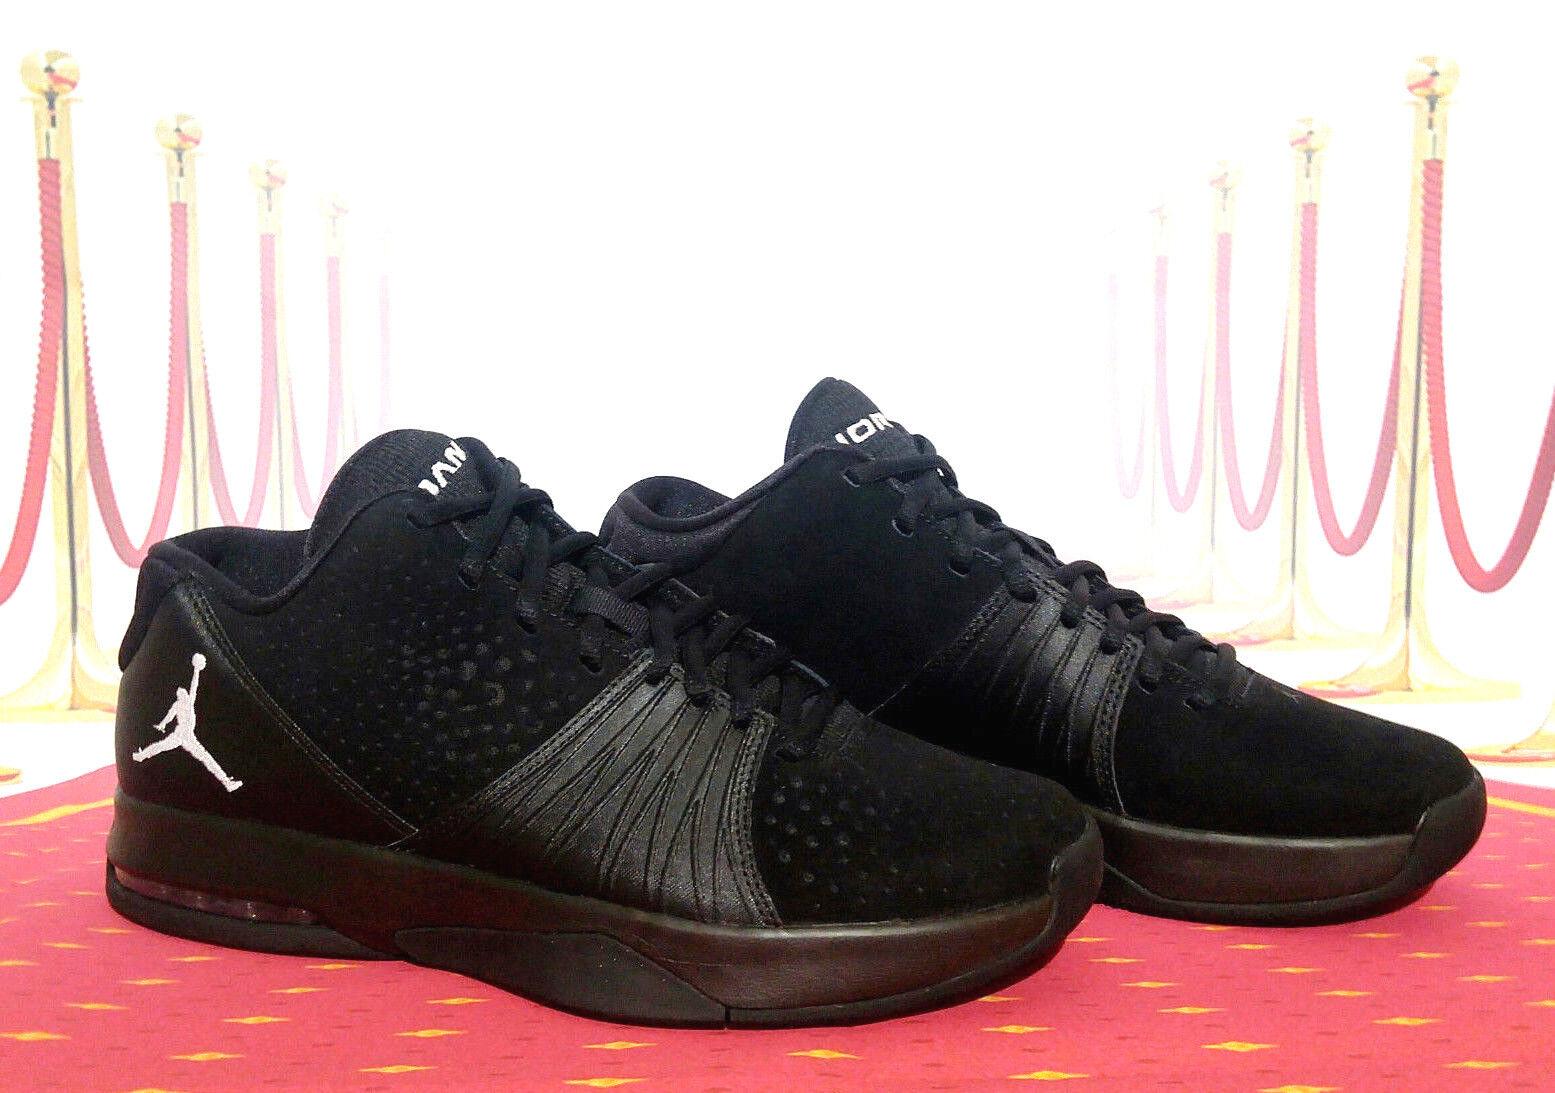 sports shoes 905c8 ae7e5 NIKE JORDAN 5 AM 807546 807546 807546 010 MEN S SHOES ALL SIZES NEW TRIPLE  BLACK c0f897